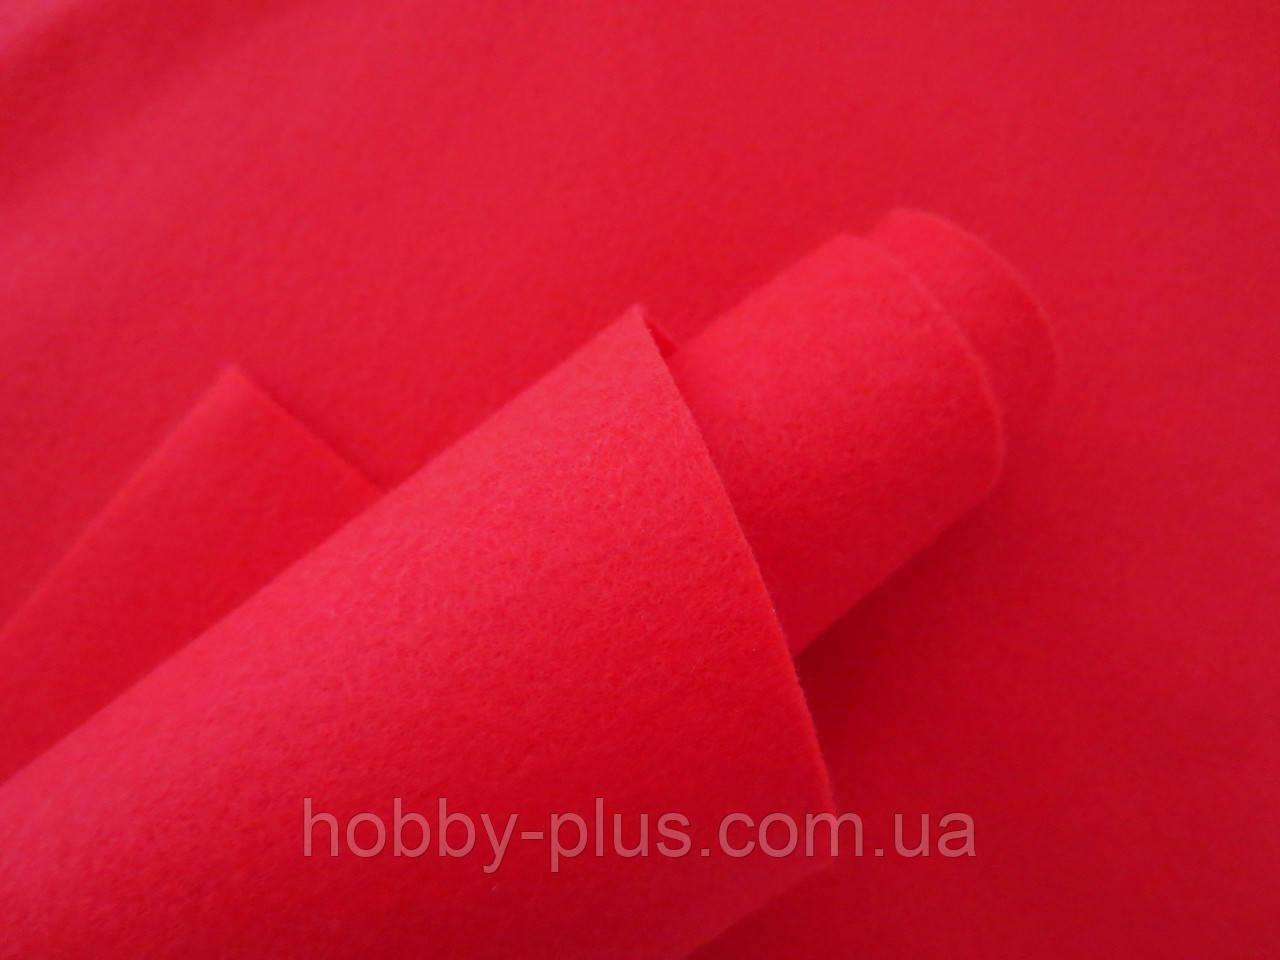 Фетр корейский мягкий, 1.2 мм, 20x30 см, КРАСНЫЙ